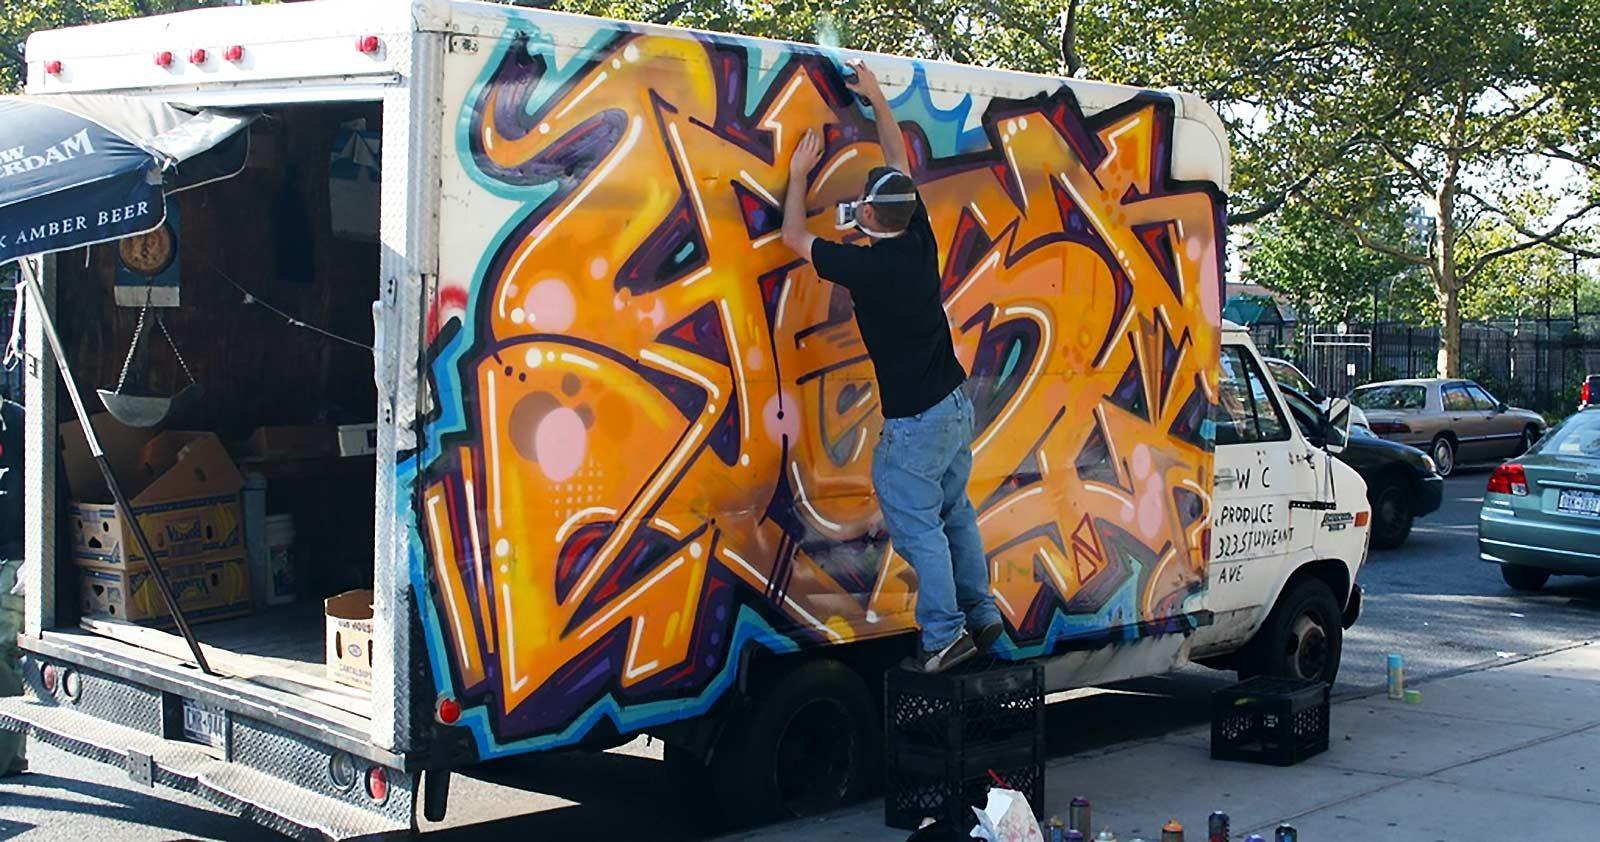 A New York, les graffs sont livrés par camions